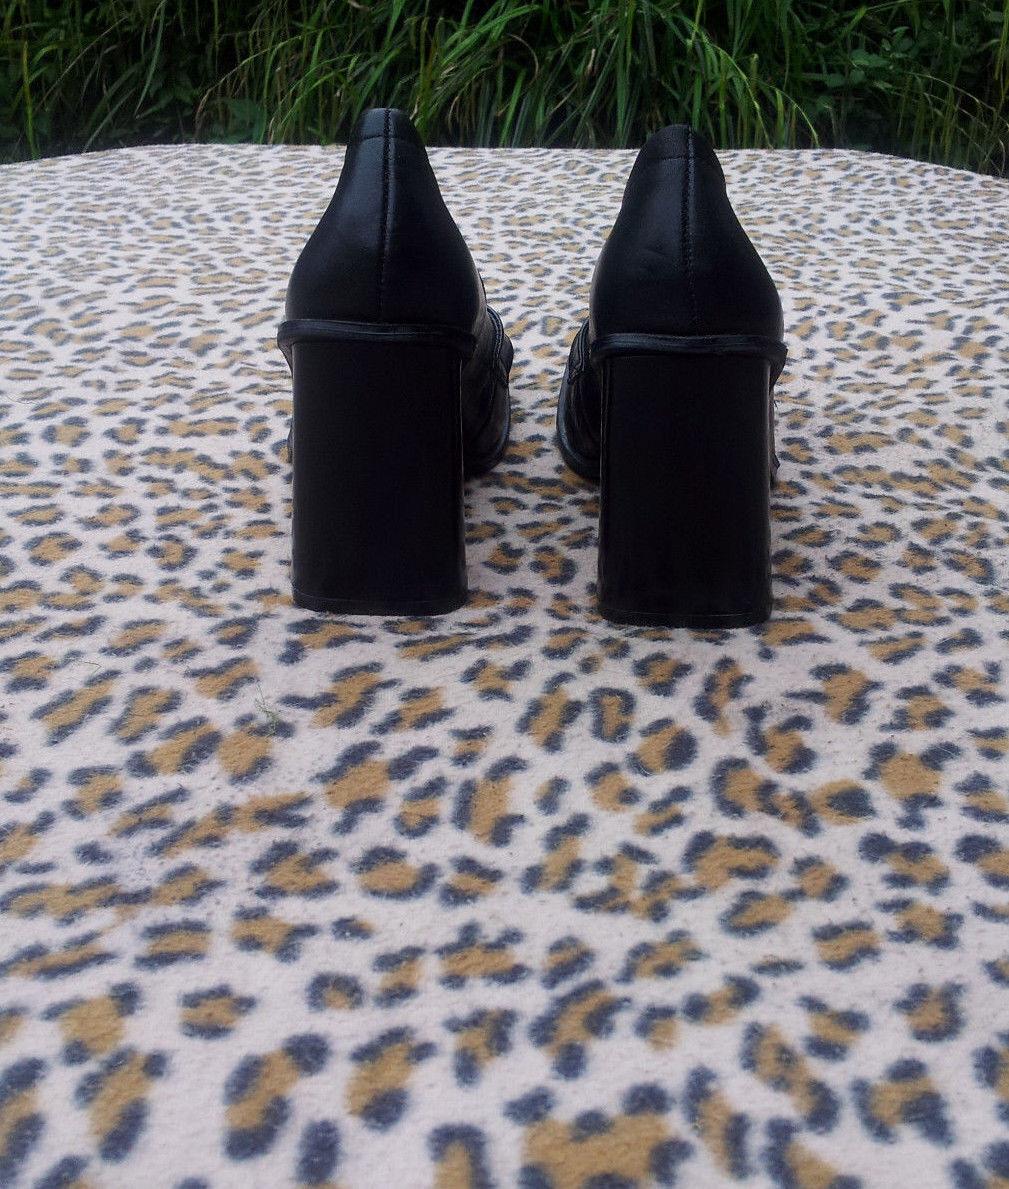 roFemmeini roFemmeini roFemmeini creazioni vintage de chaussures noires taille 38, c1afc2